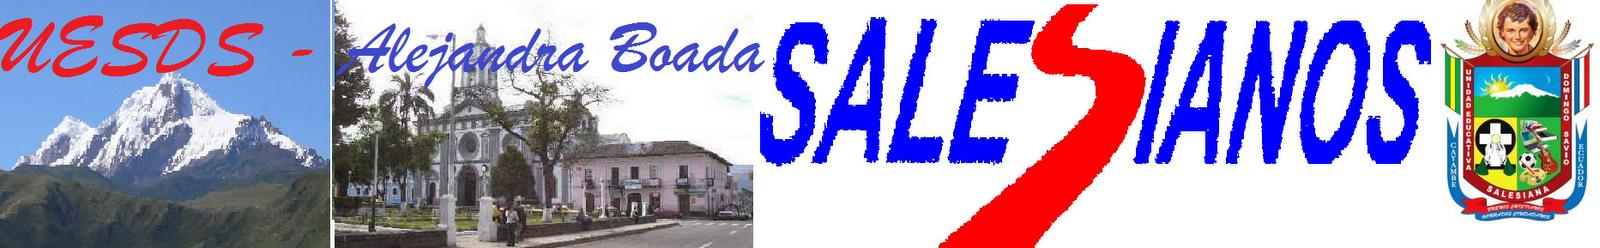 UESDS - EL COLE- Alejandra Boada